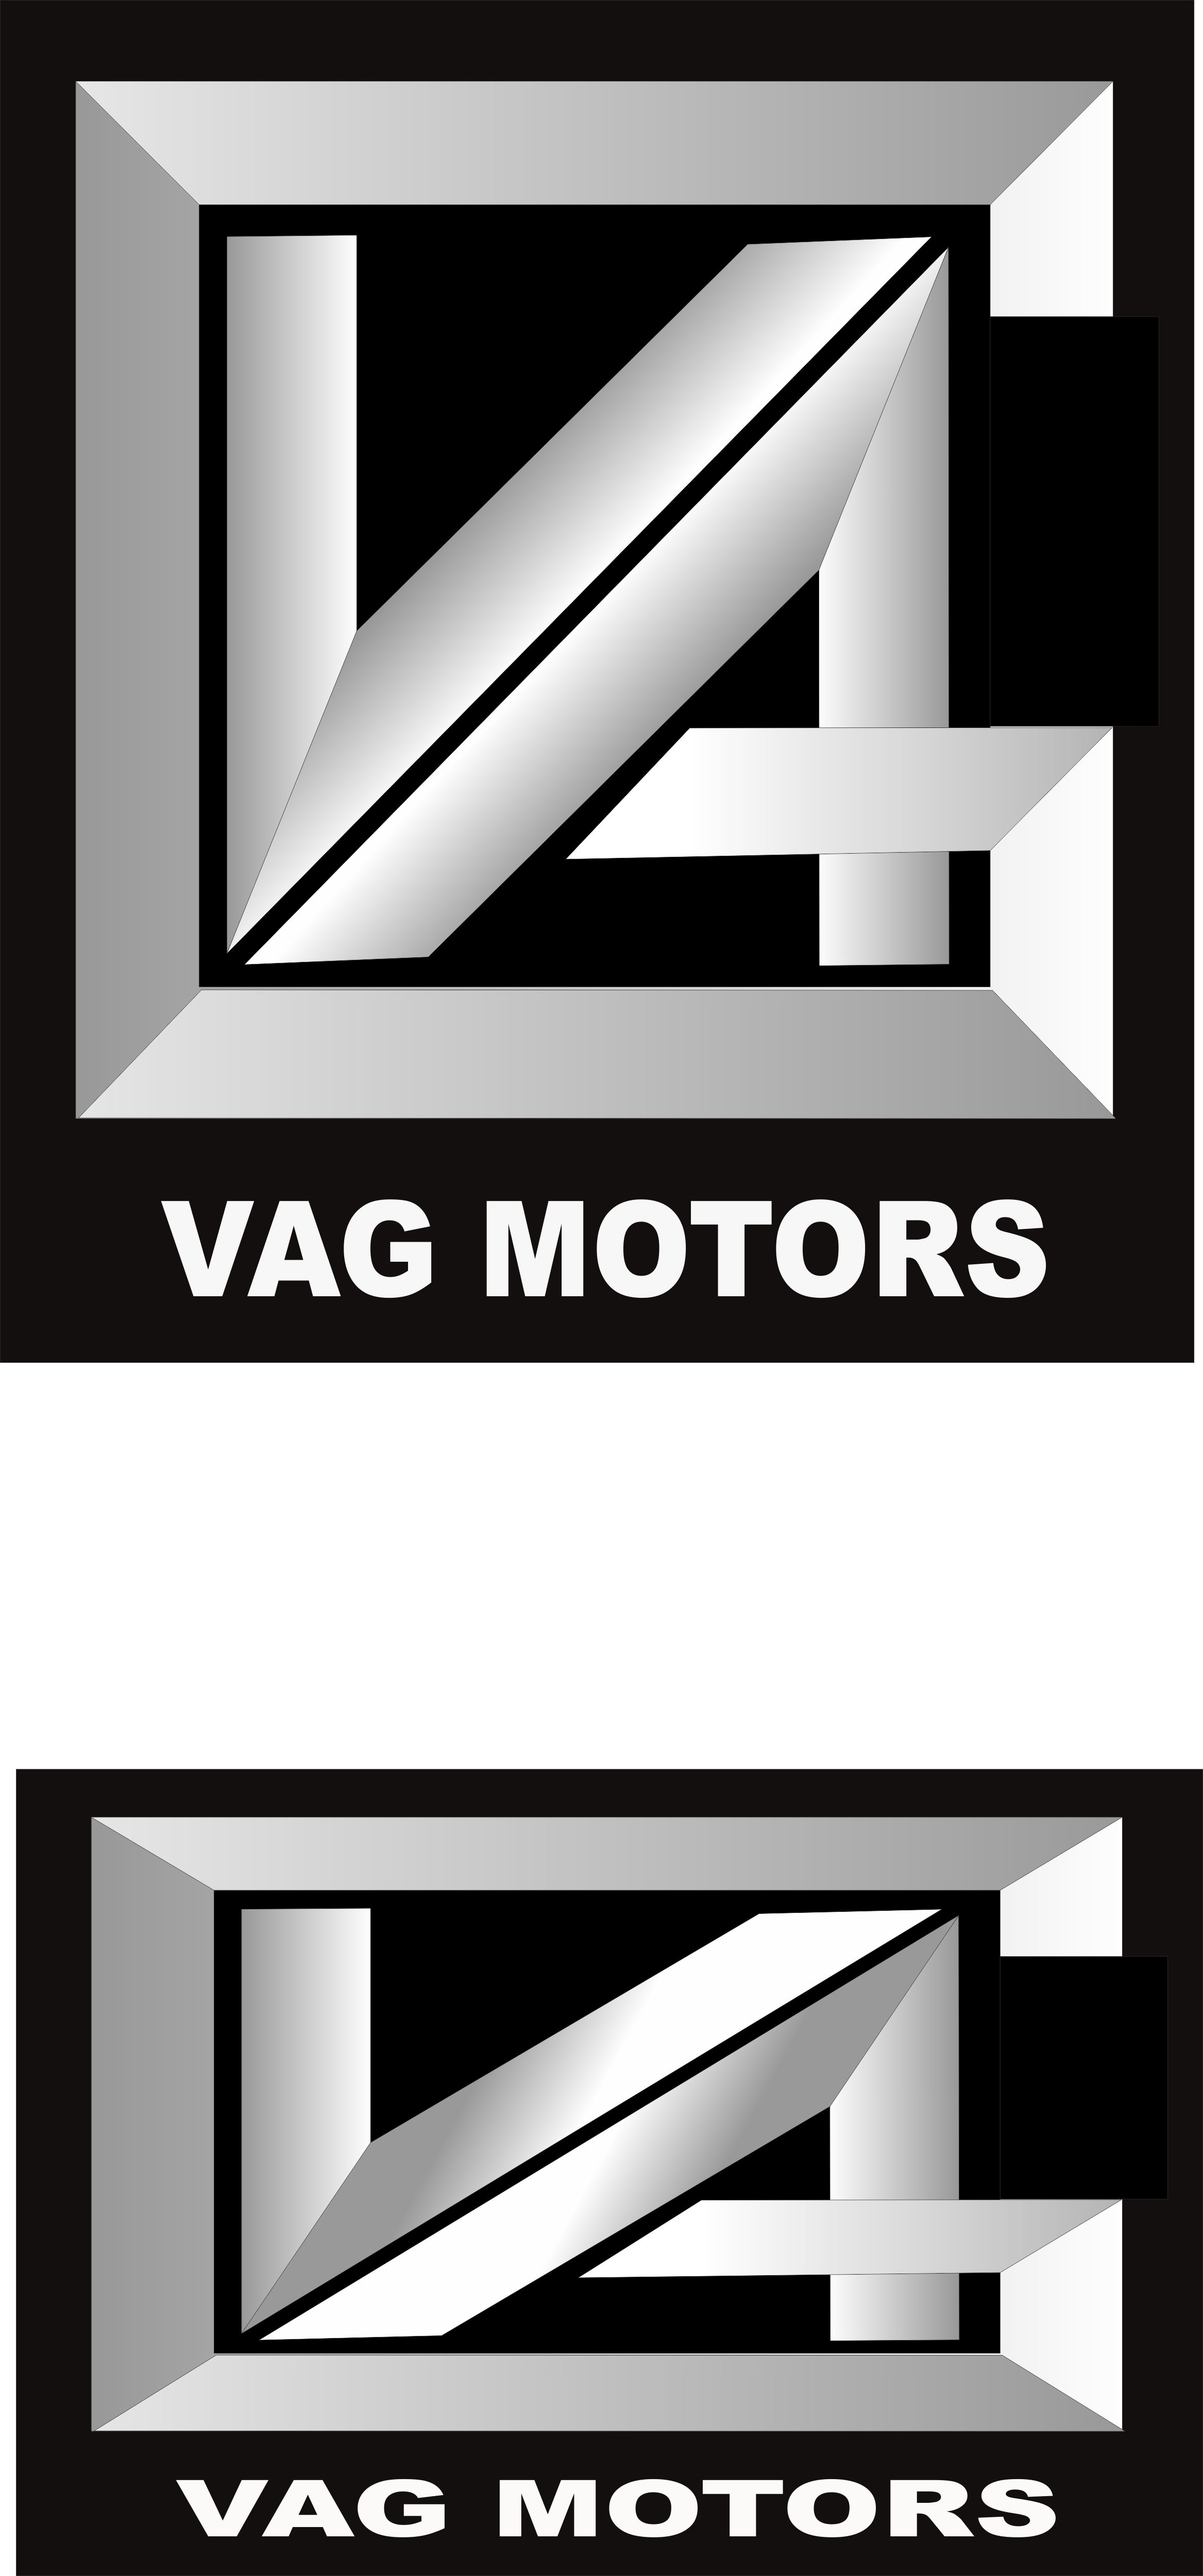 Разработать логотип автосервиса фото f_660557ea850edab0.jpg